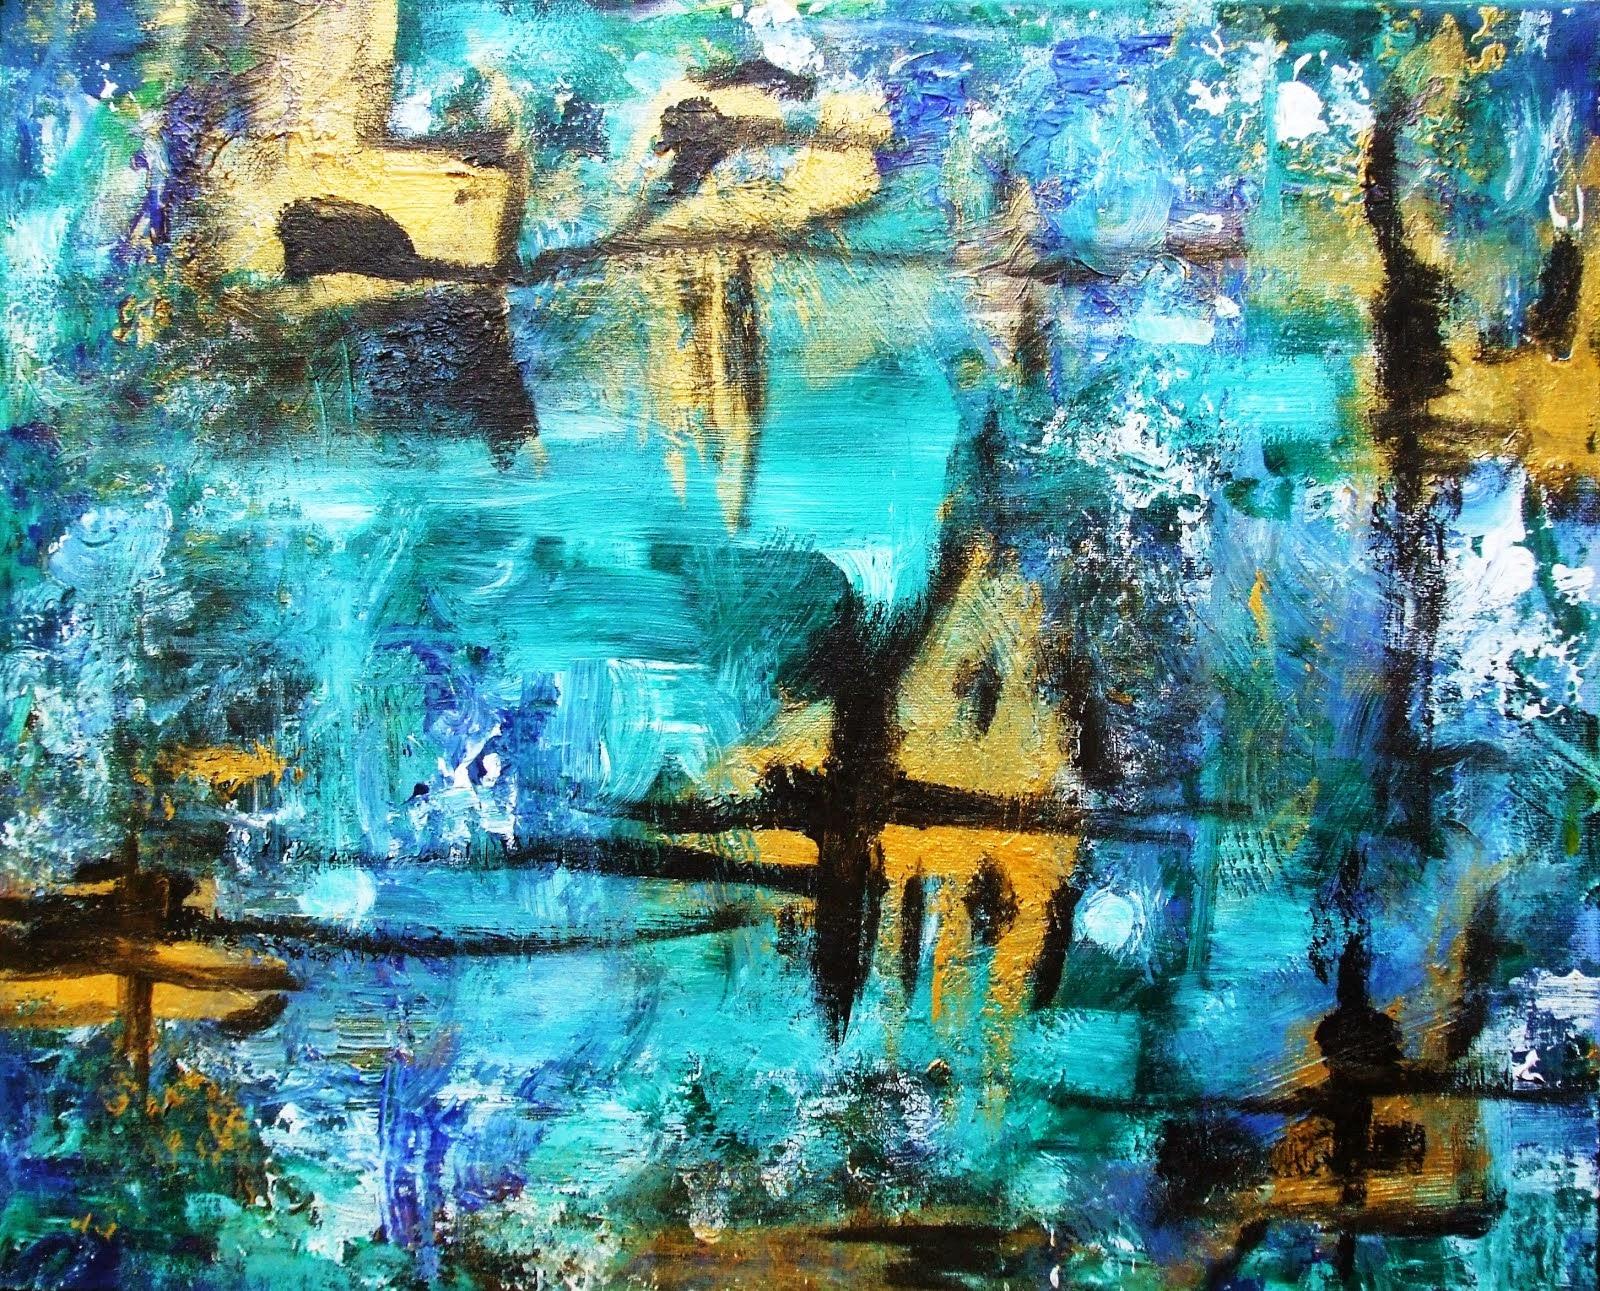 Jacqueline howett 39 s blog december 2013 - Fine art america ...